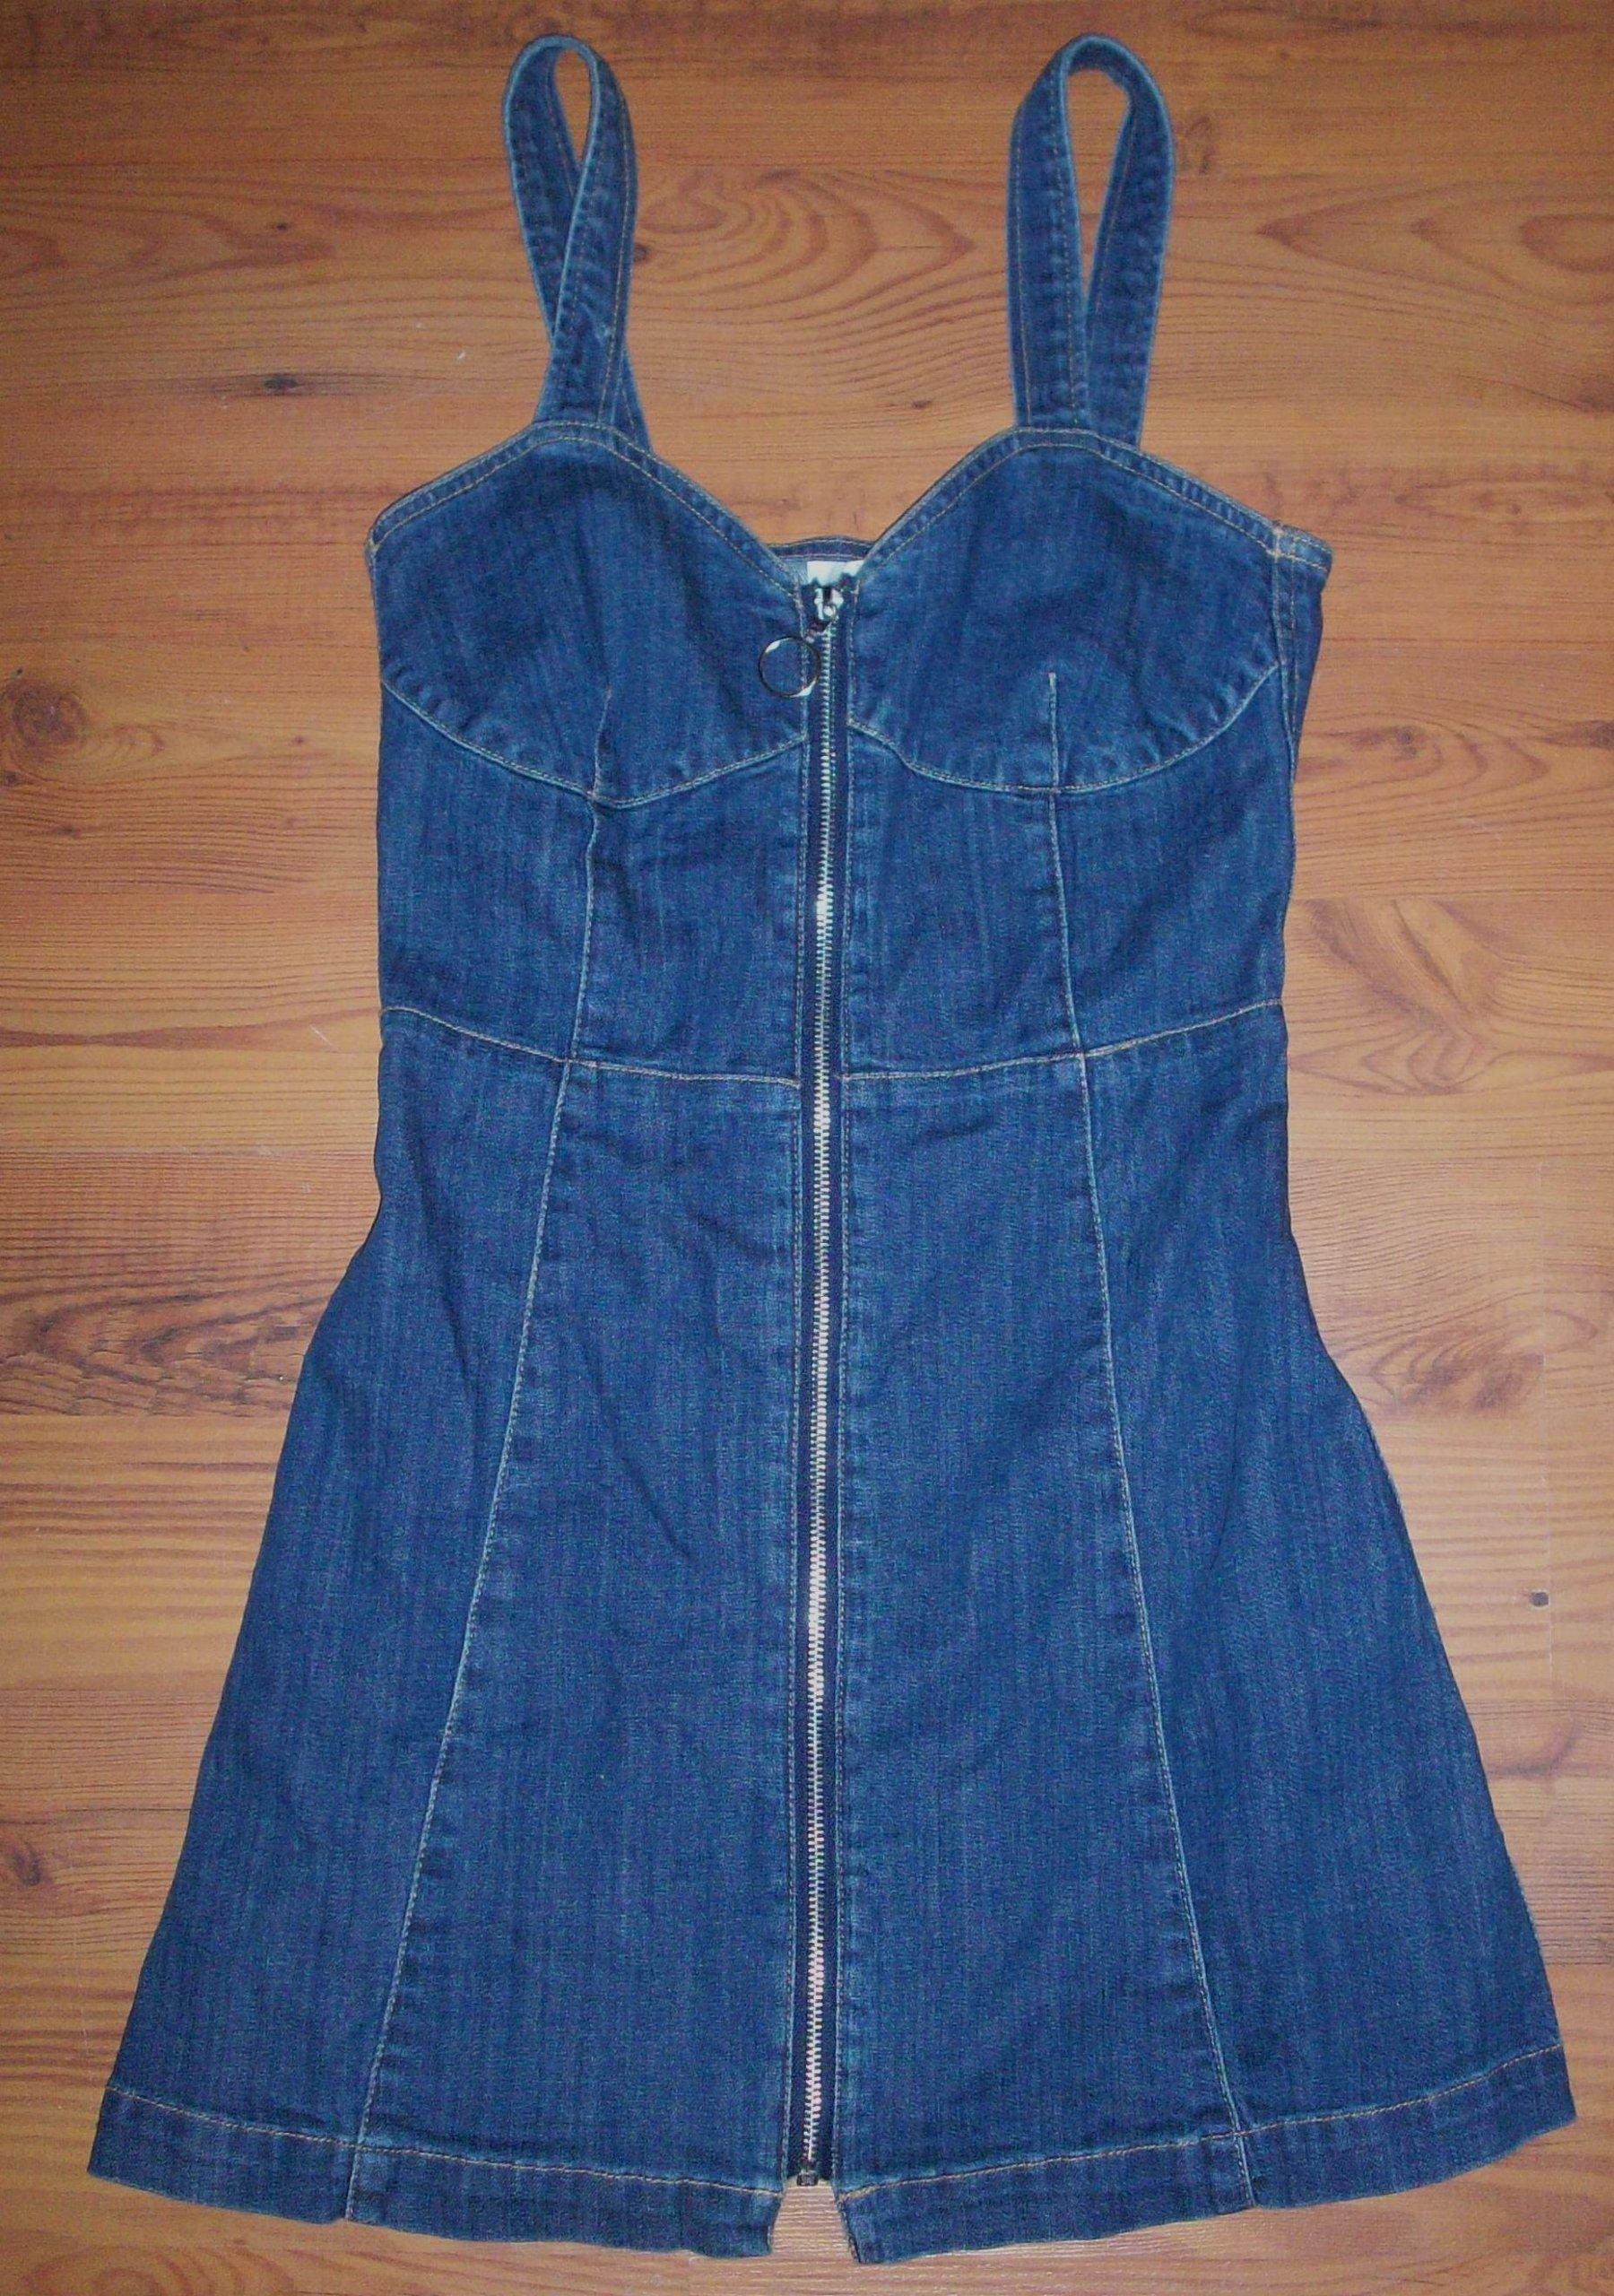 b4d0560efb Sukienka jeansowa niebieska granatowa H M 36 S - 7187923092 ...